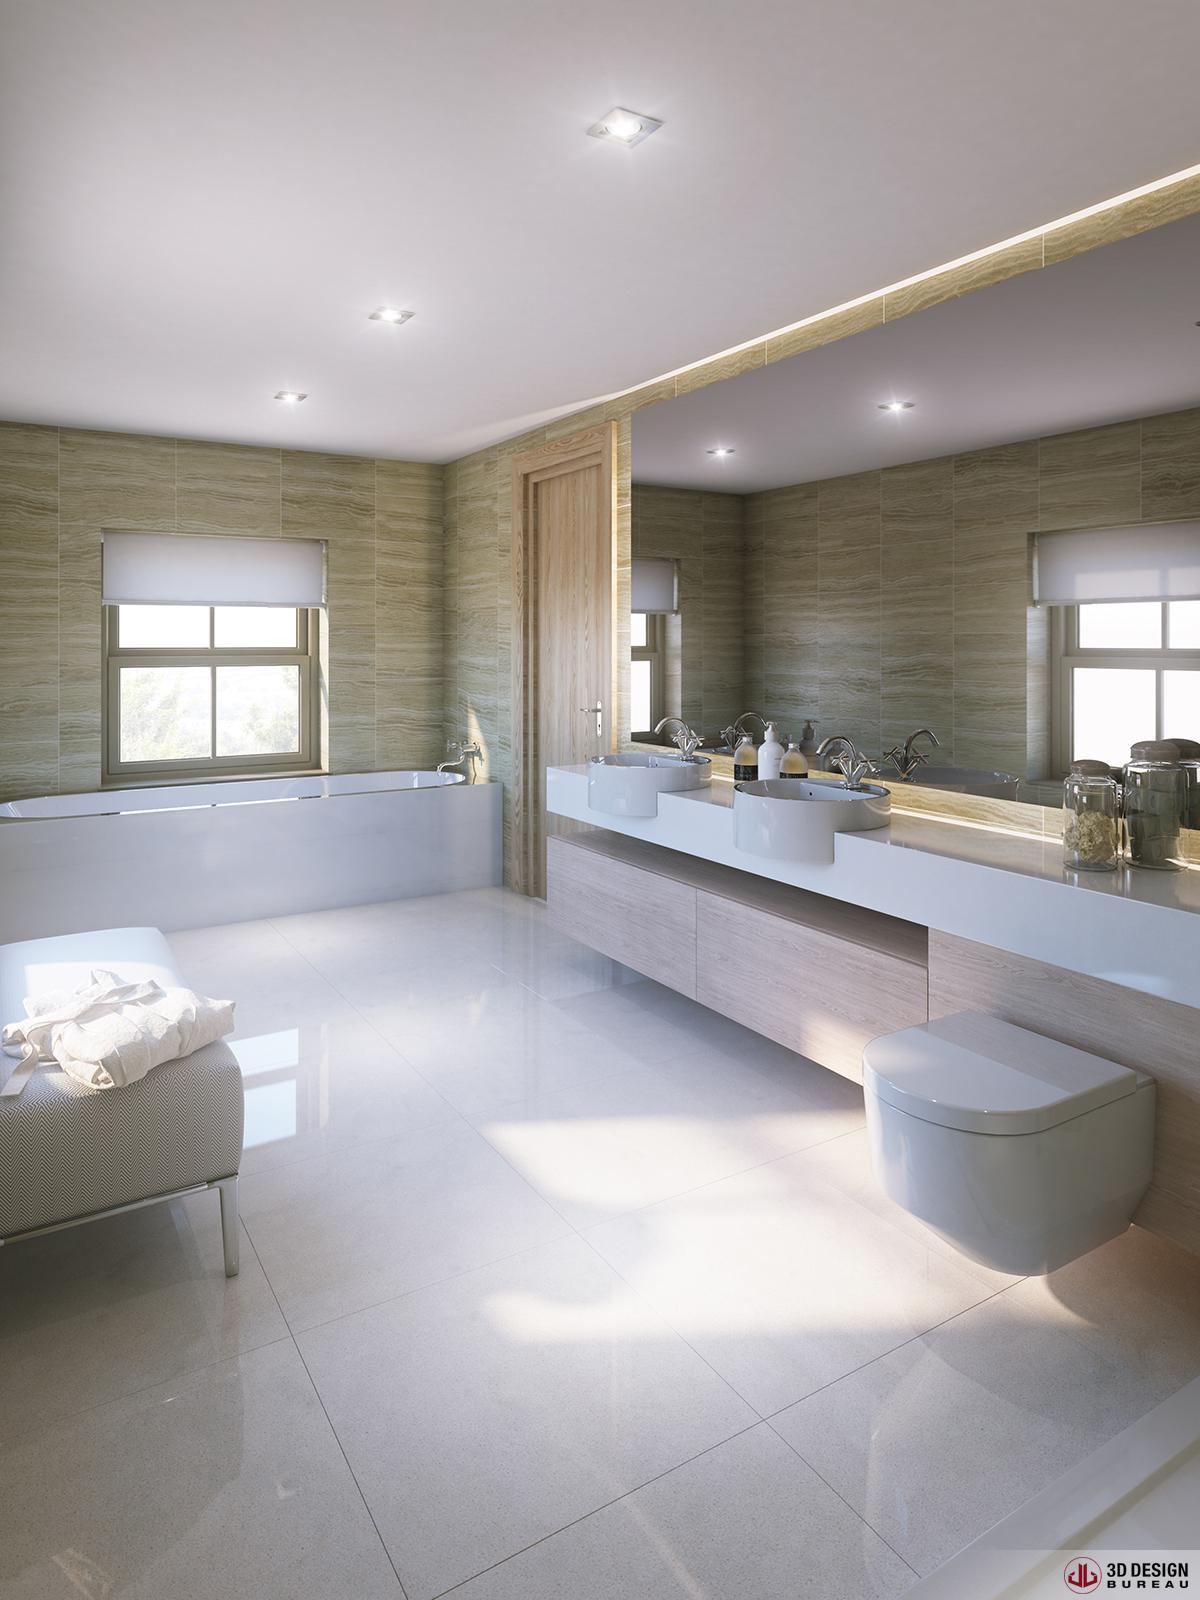 3d design bureau interior rendering residential. Black Bedroom Furniture Sets. Home Design Ideas